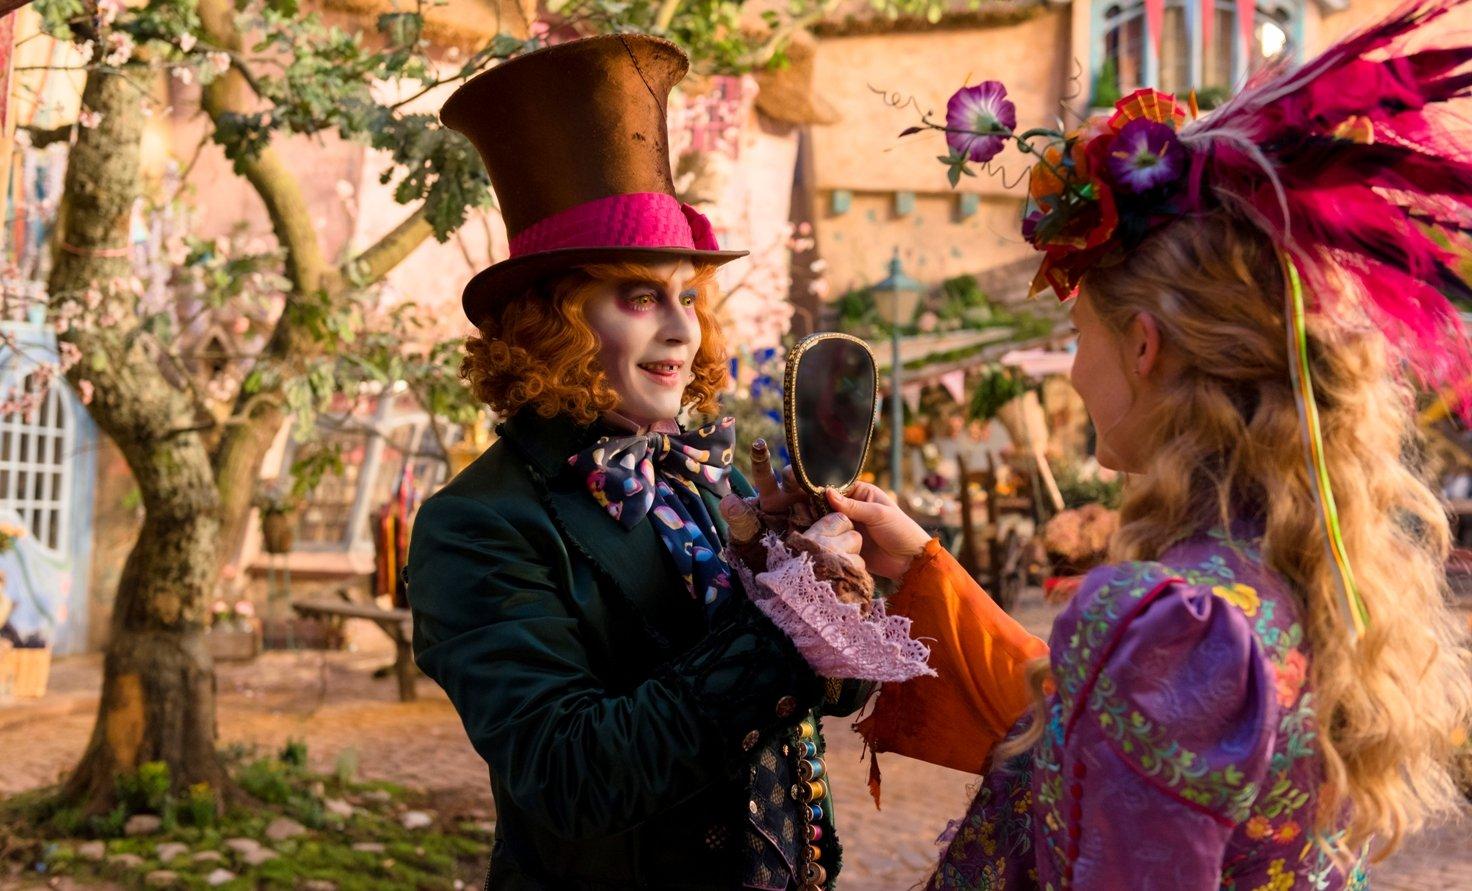 Alice Through the Looking Glass Алиса в Зазеркалье кино джонни депп алиса в стране чудес кино рецензия отвратительные мужики